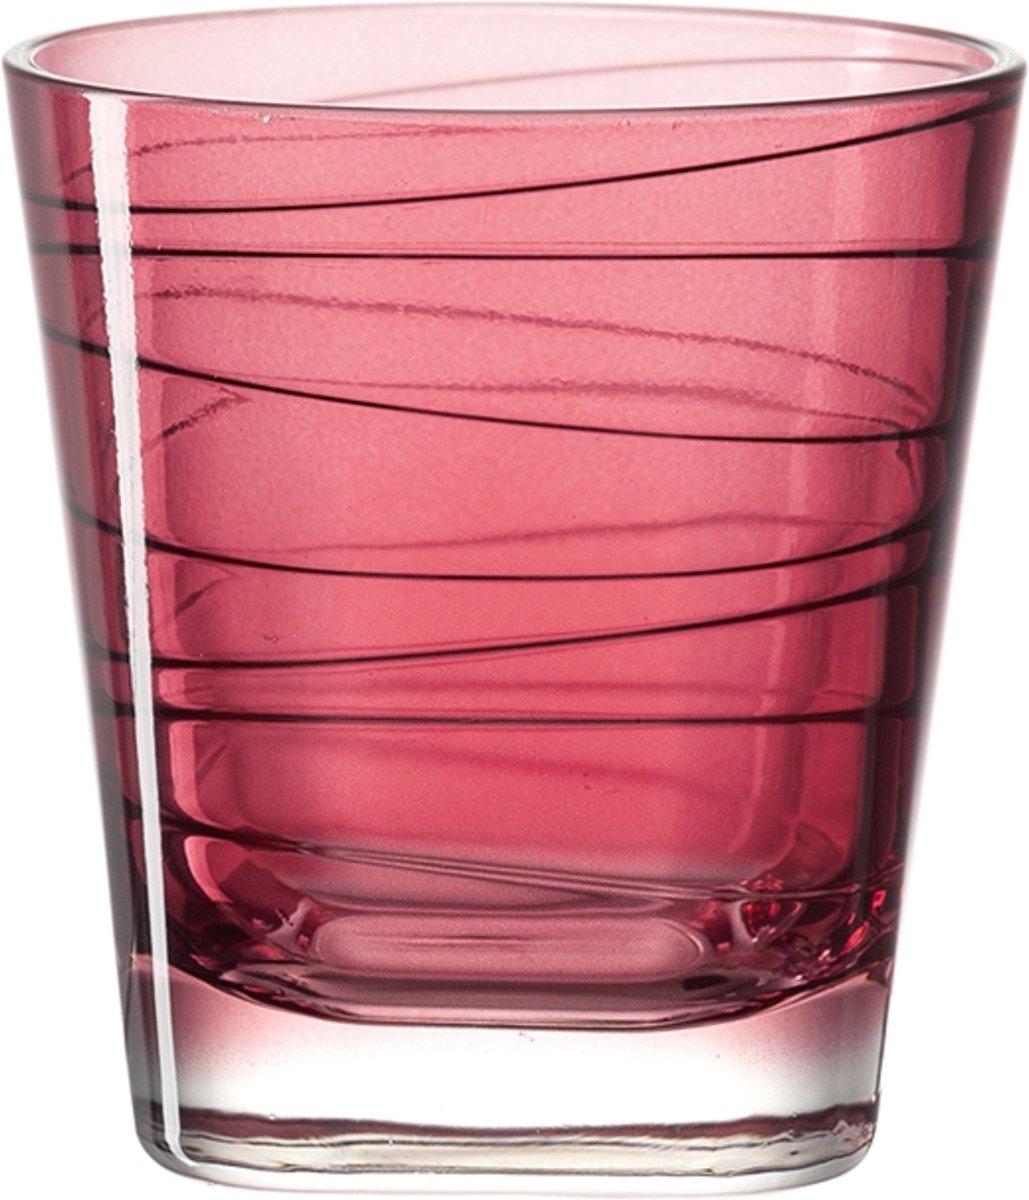 Leonardo Vario - whiskeyglas - rood - 6 stuks kopen